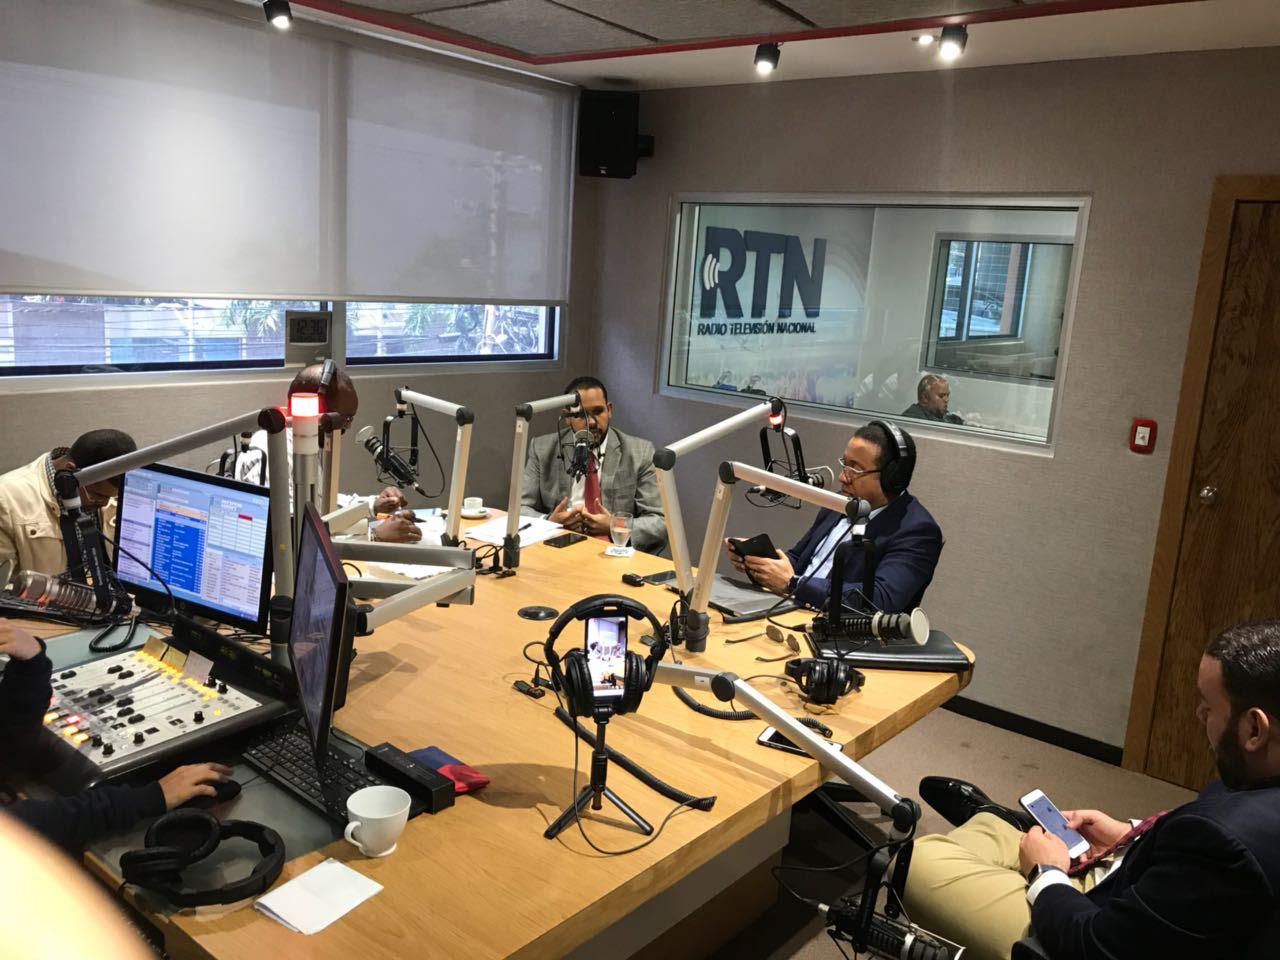 Discurso de Danilo Medina confirma revolución de oportunidades durante su Gobierno